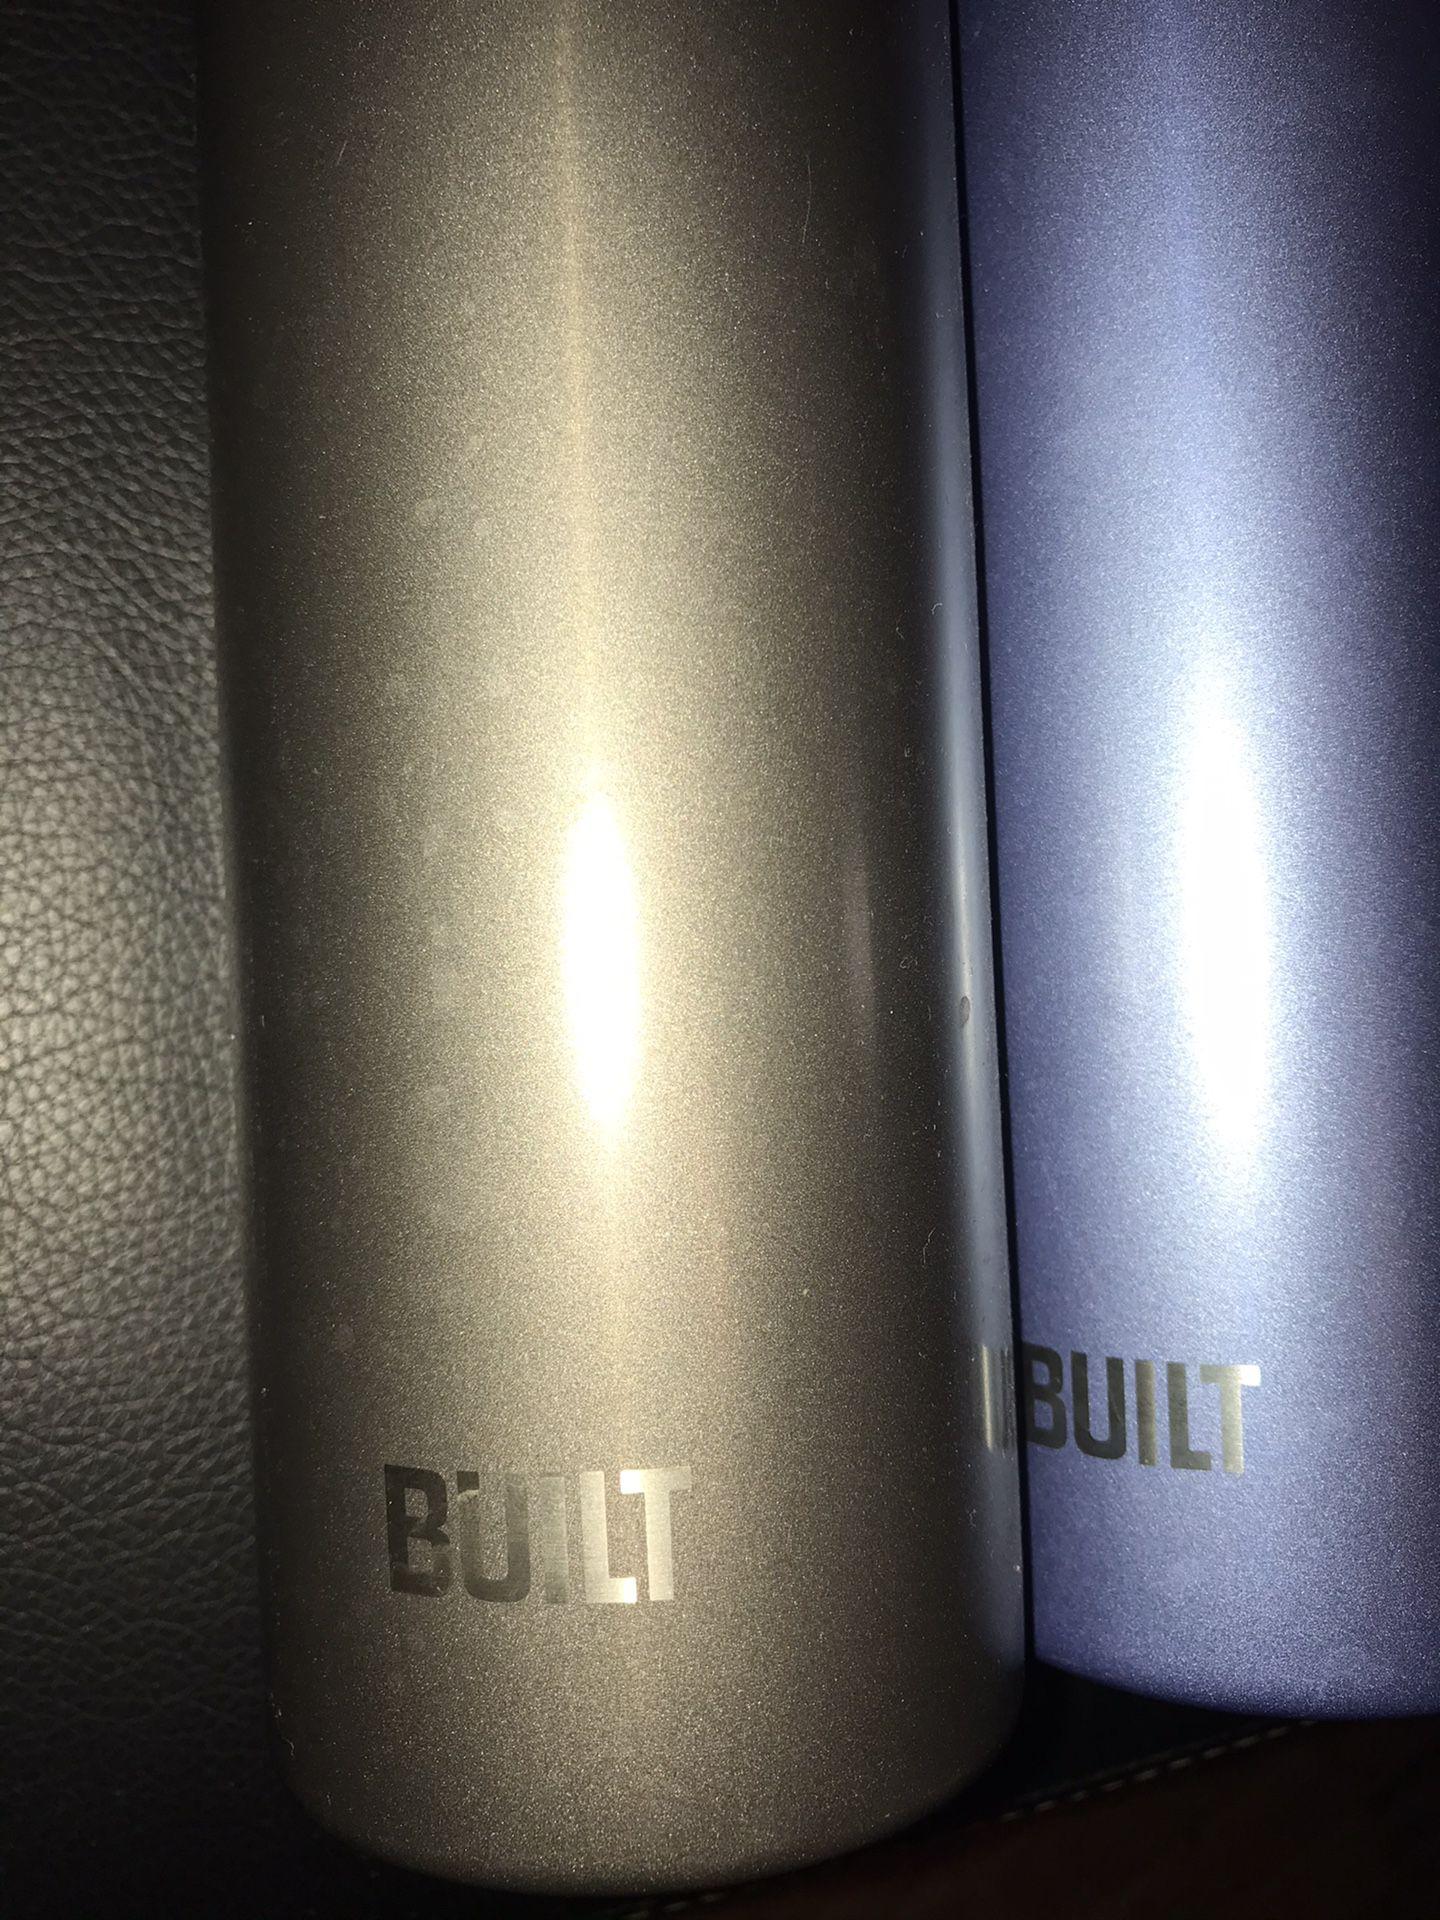 Set of 2 Travel Mugs